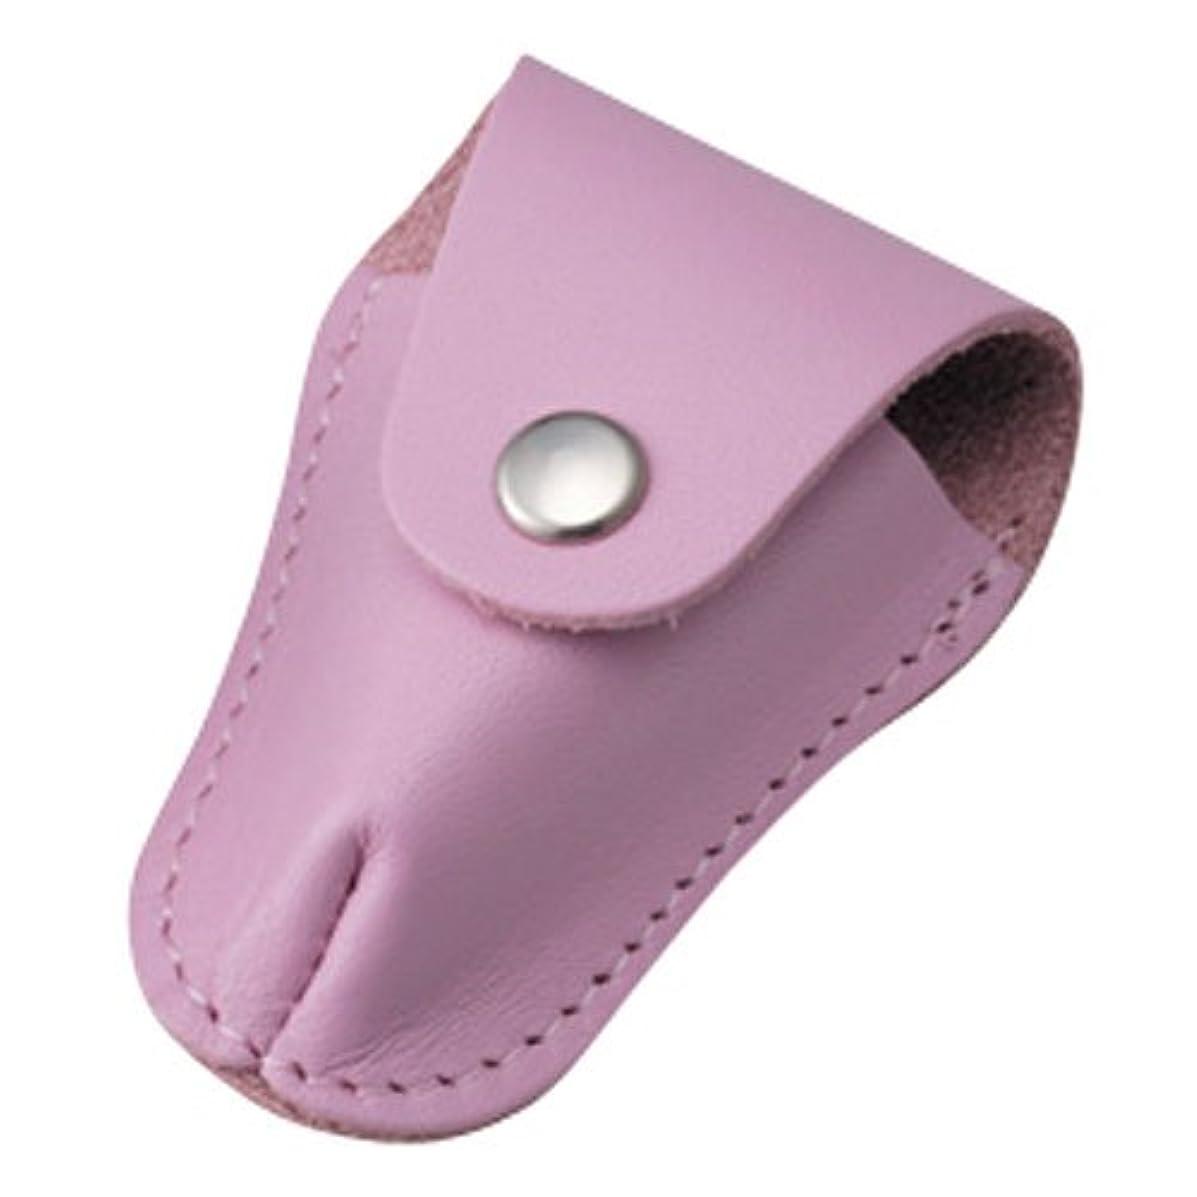 内海 ニッパーキャップL ピンク